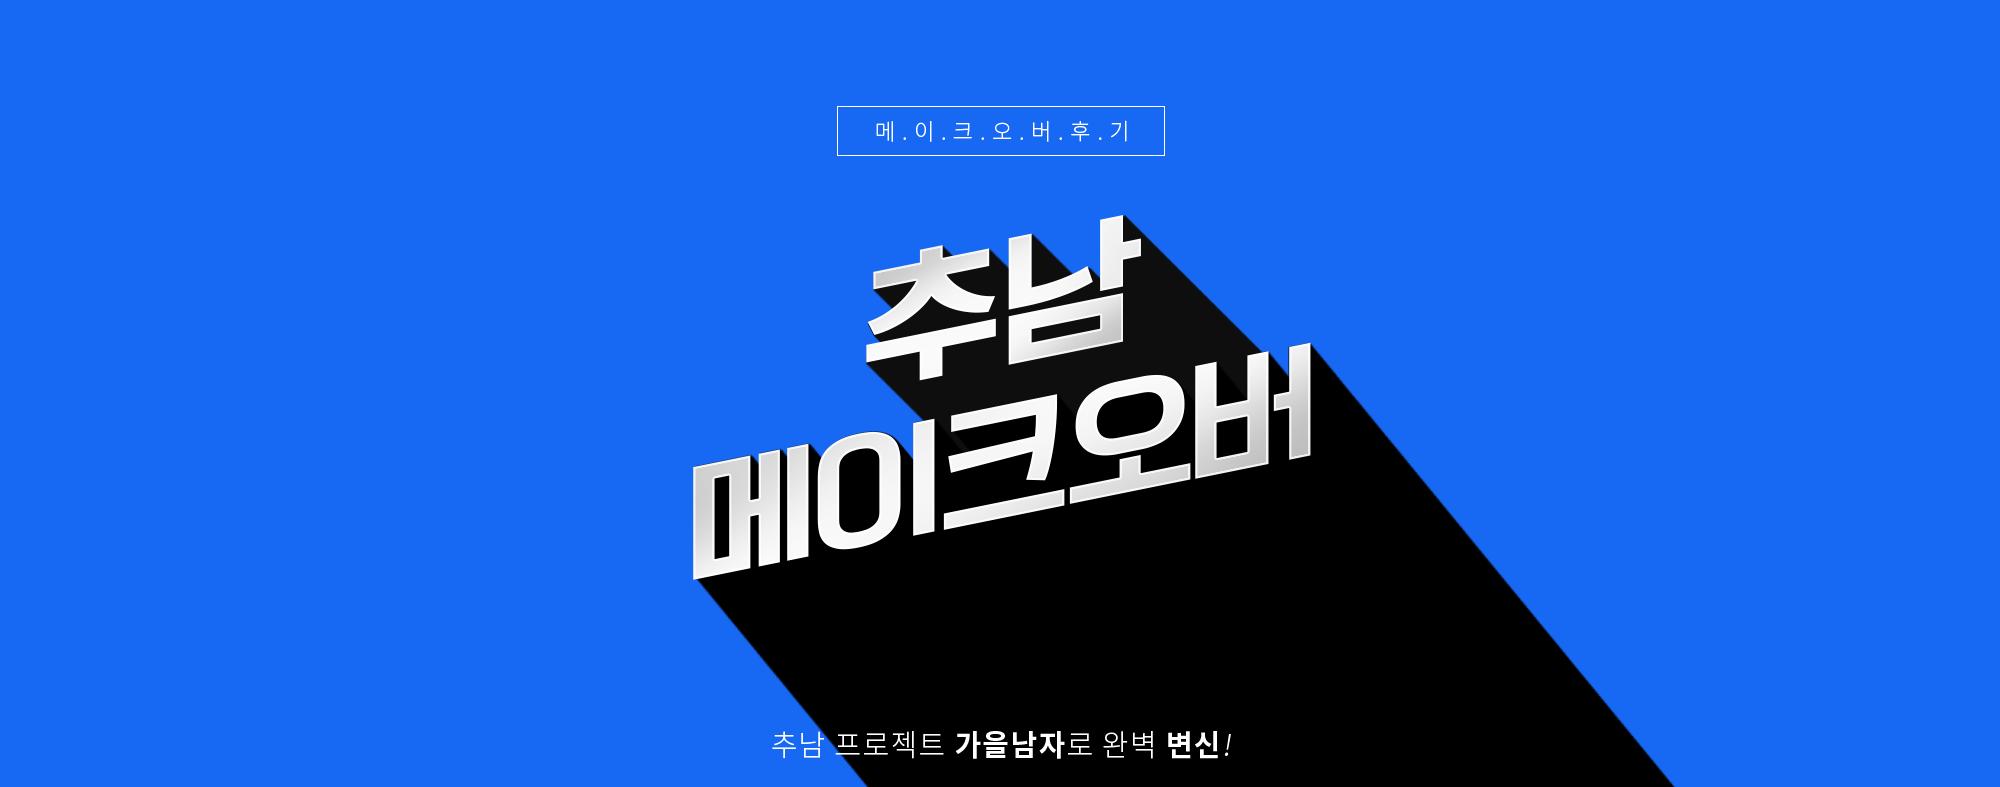 추남 메이크오버 100만원상당 프로젝트 추남 프로젝트 가을남자로 완벽 변신!